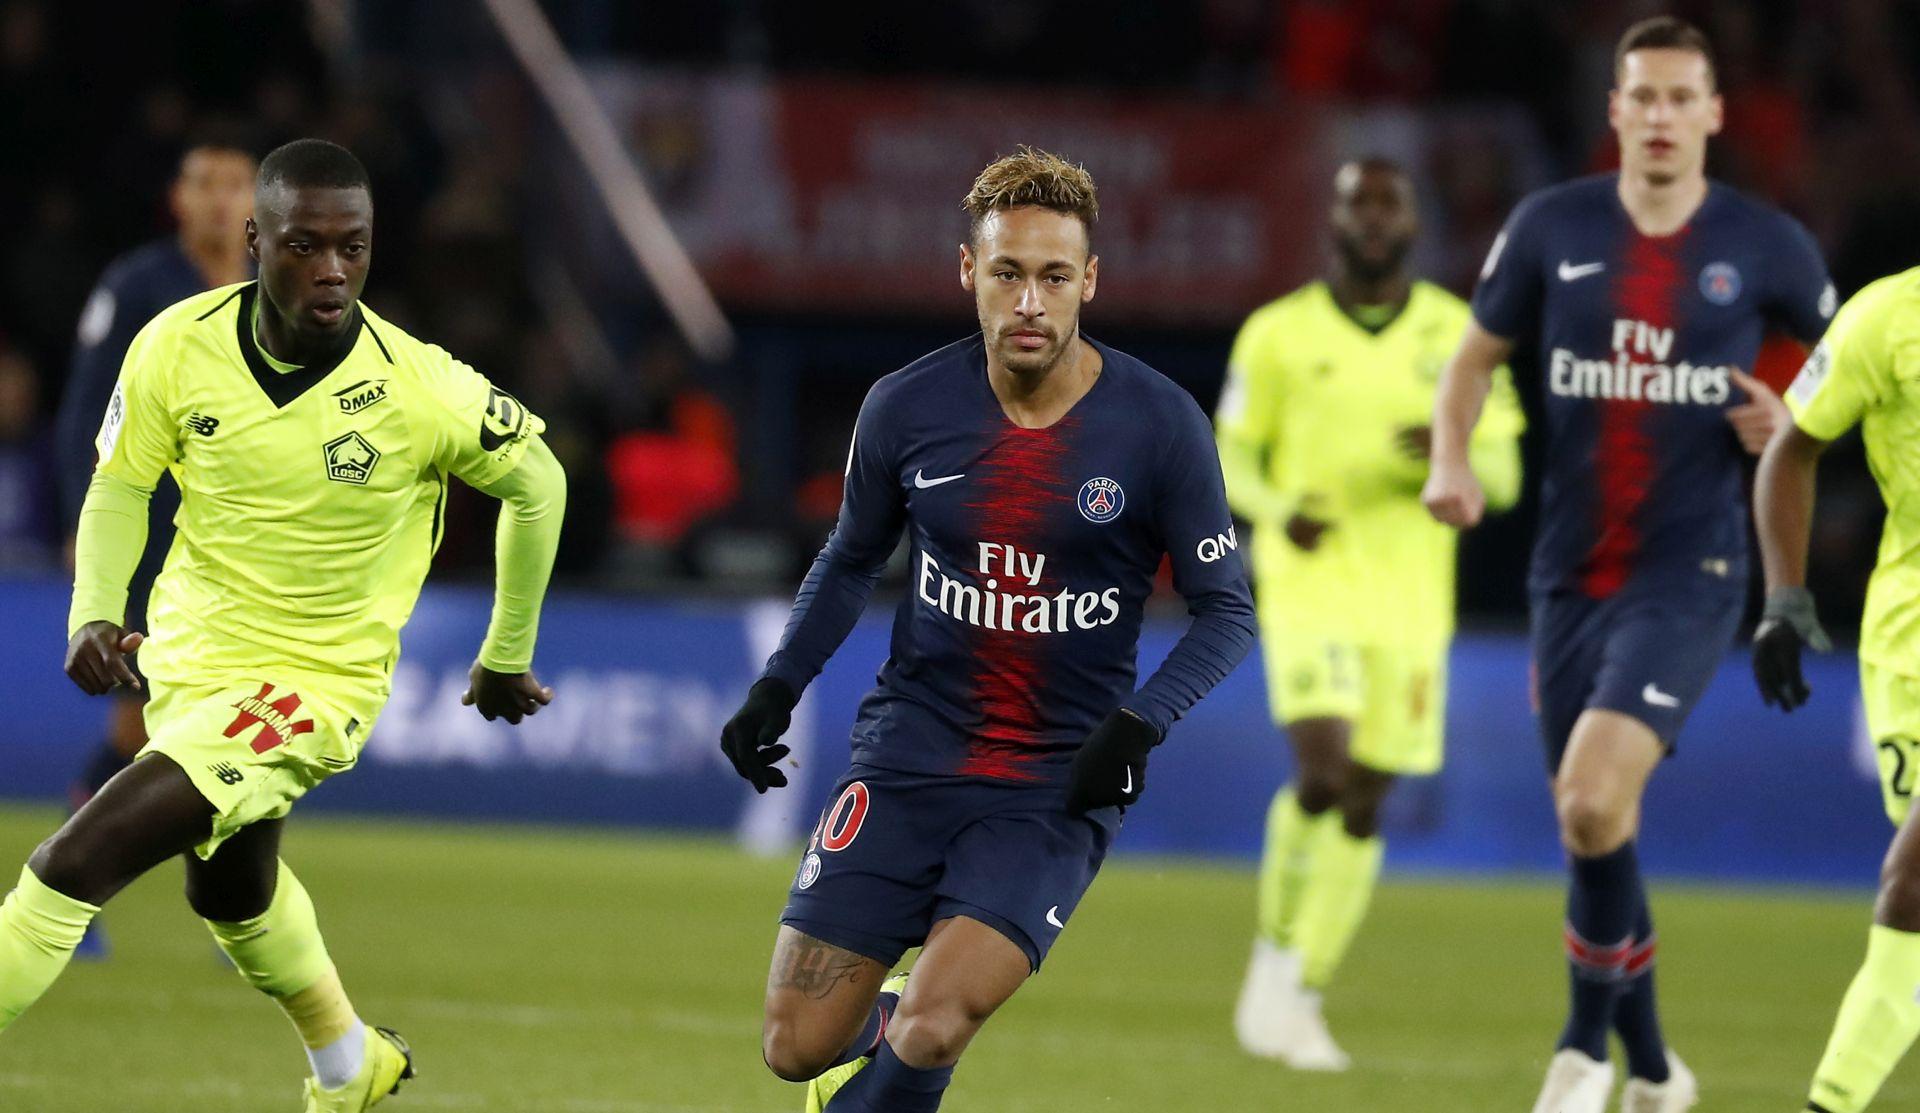 Barcelona nudi Rakitića, Coutinha, Dembela i Umtitija za Neymara